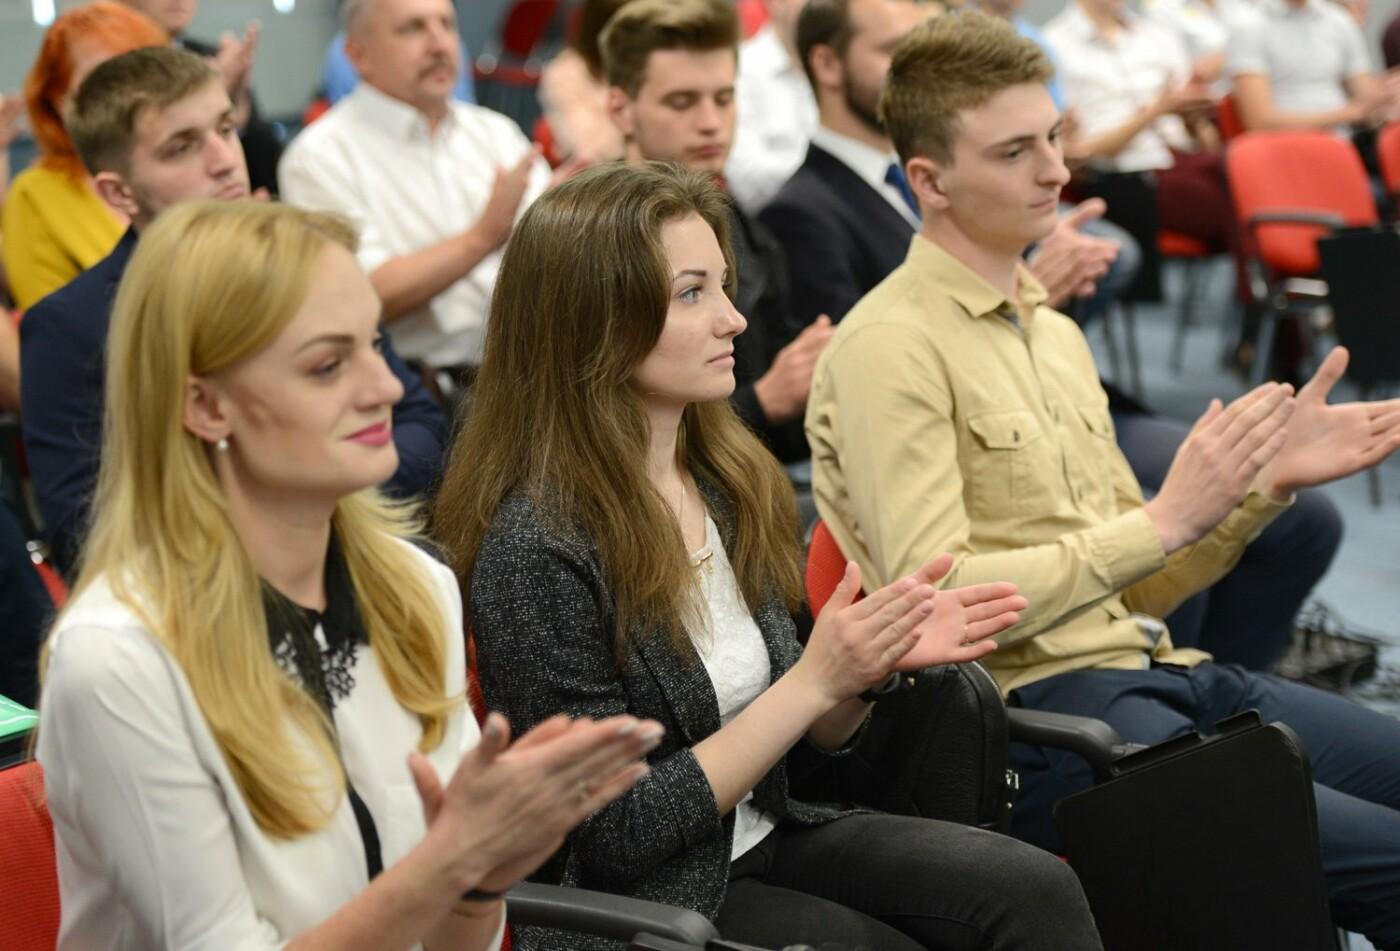 Студенты из Винницы выиграли поездку на престижную выставку в Европу , фото-2